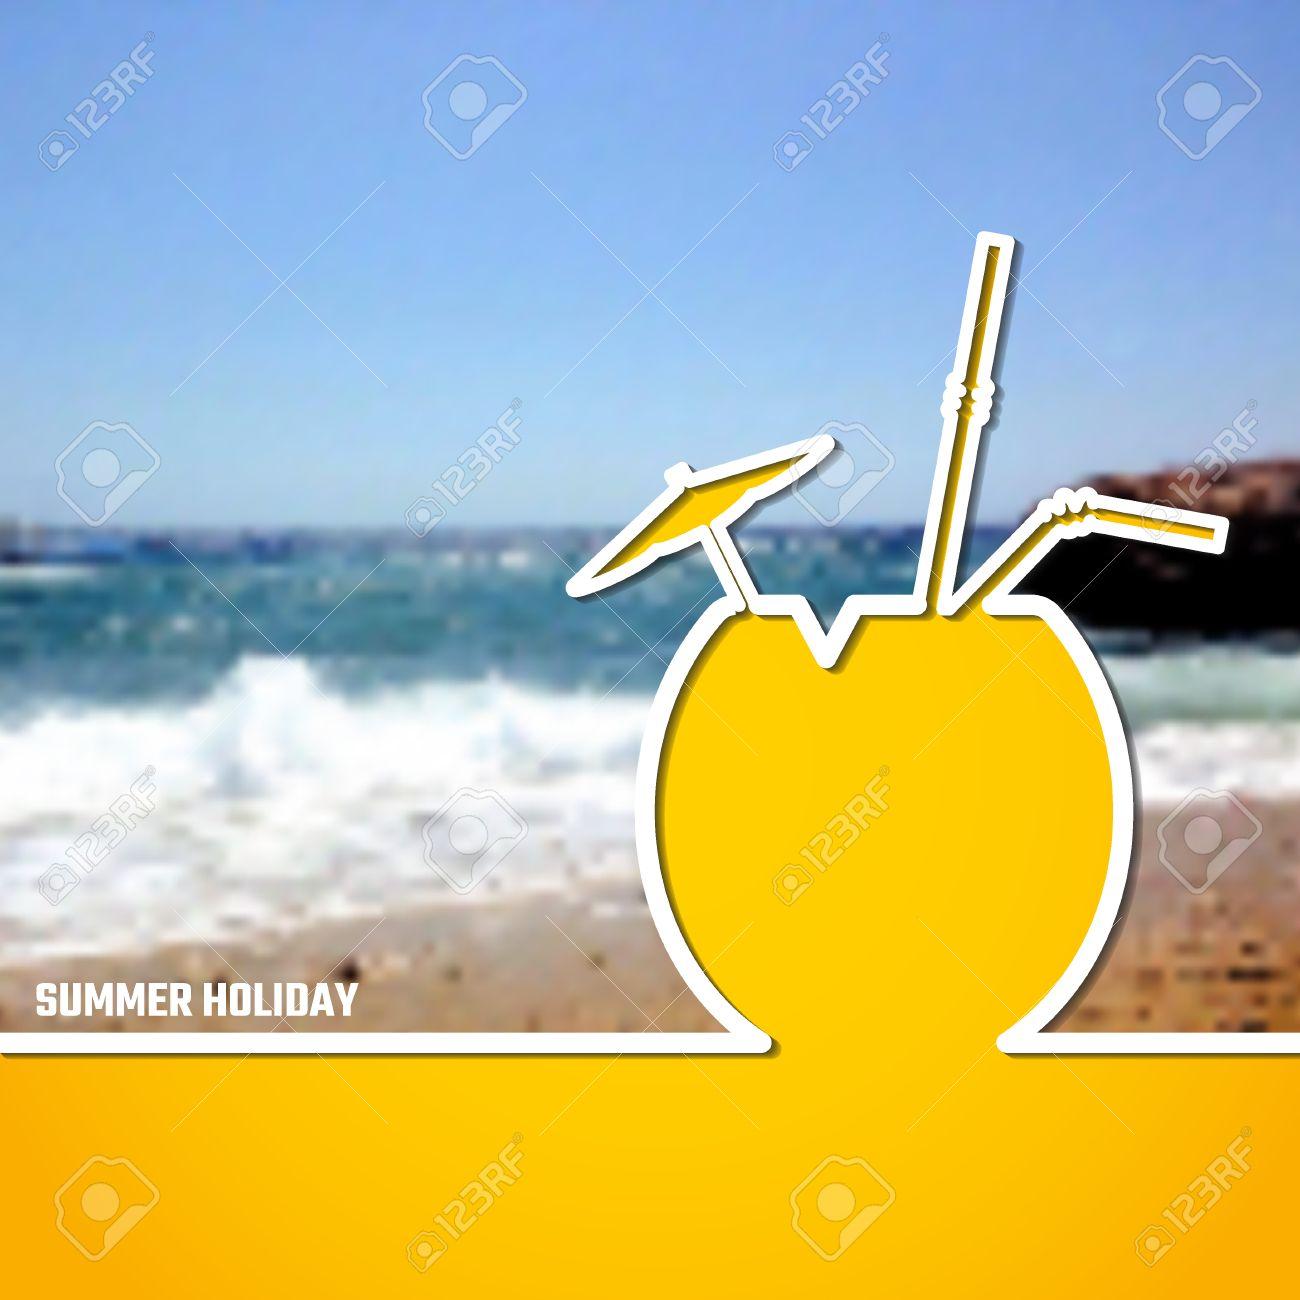 Free banner images for website - Vector Illustration Of Outline Summer Holiday Paradise Concept For Design Website Background Banner